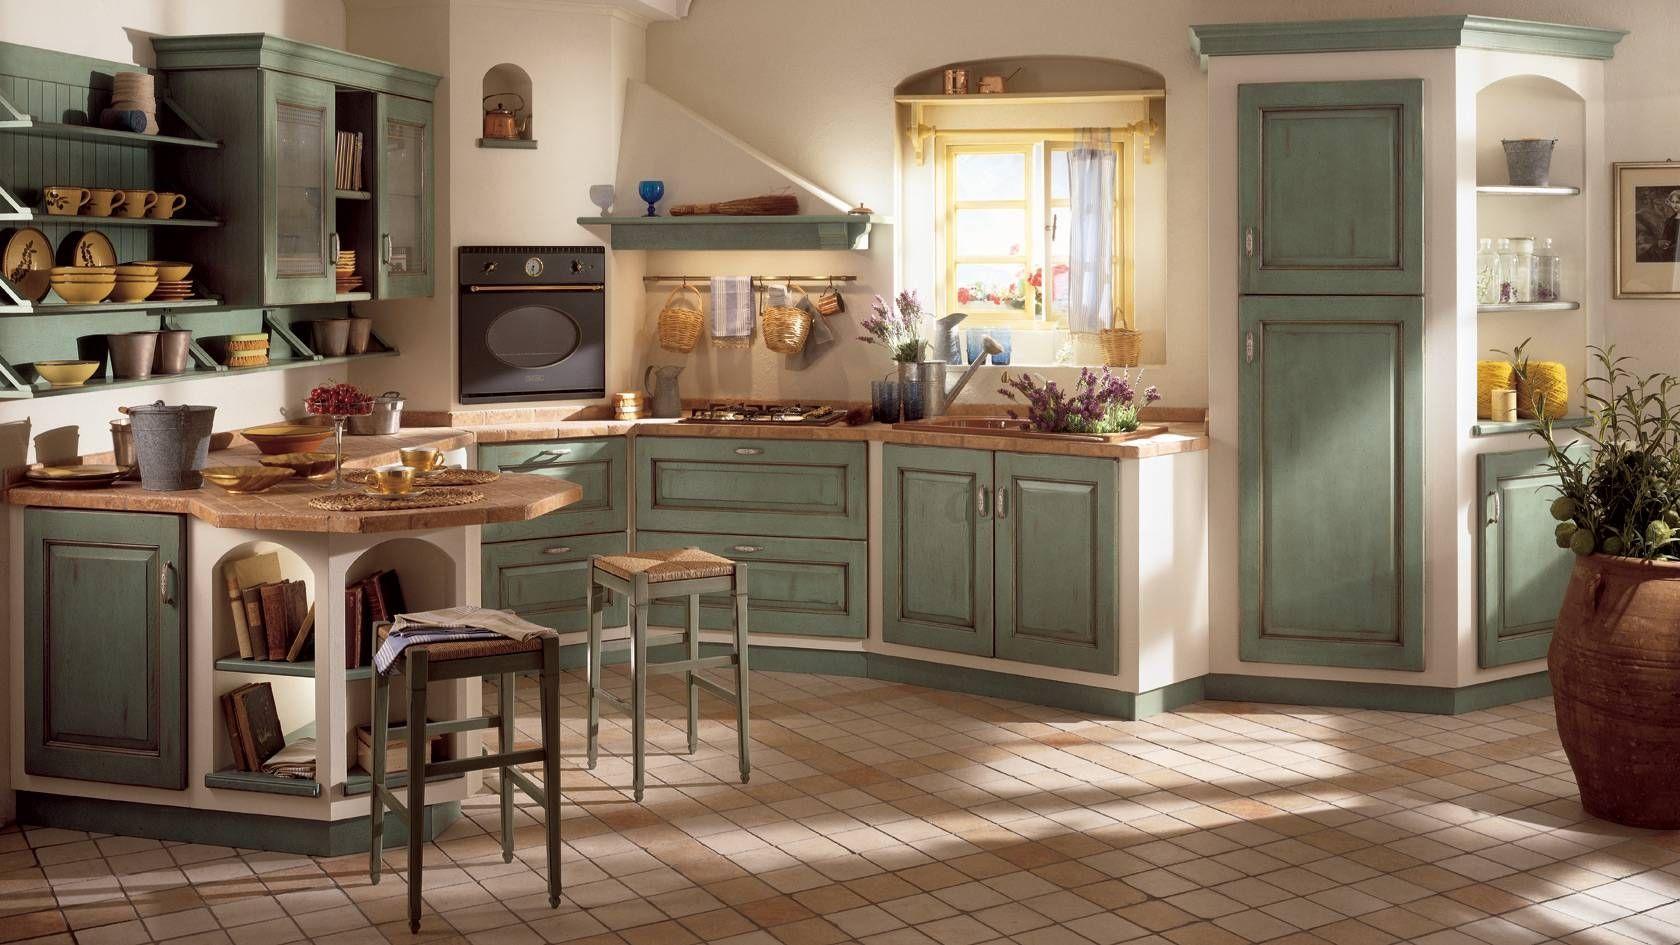 arredamento antico di campagna | La cucina della tradizione ...